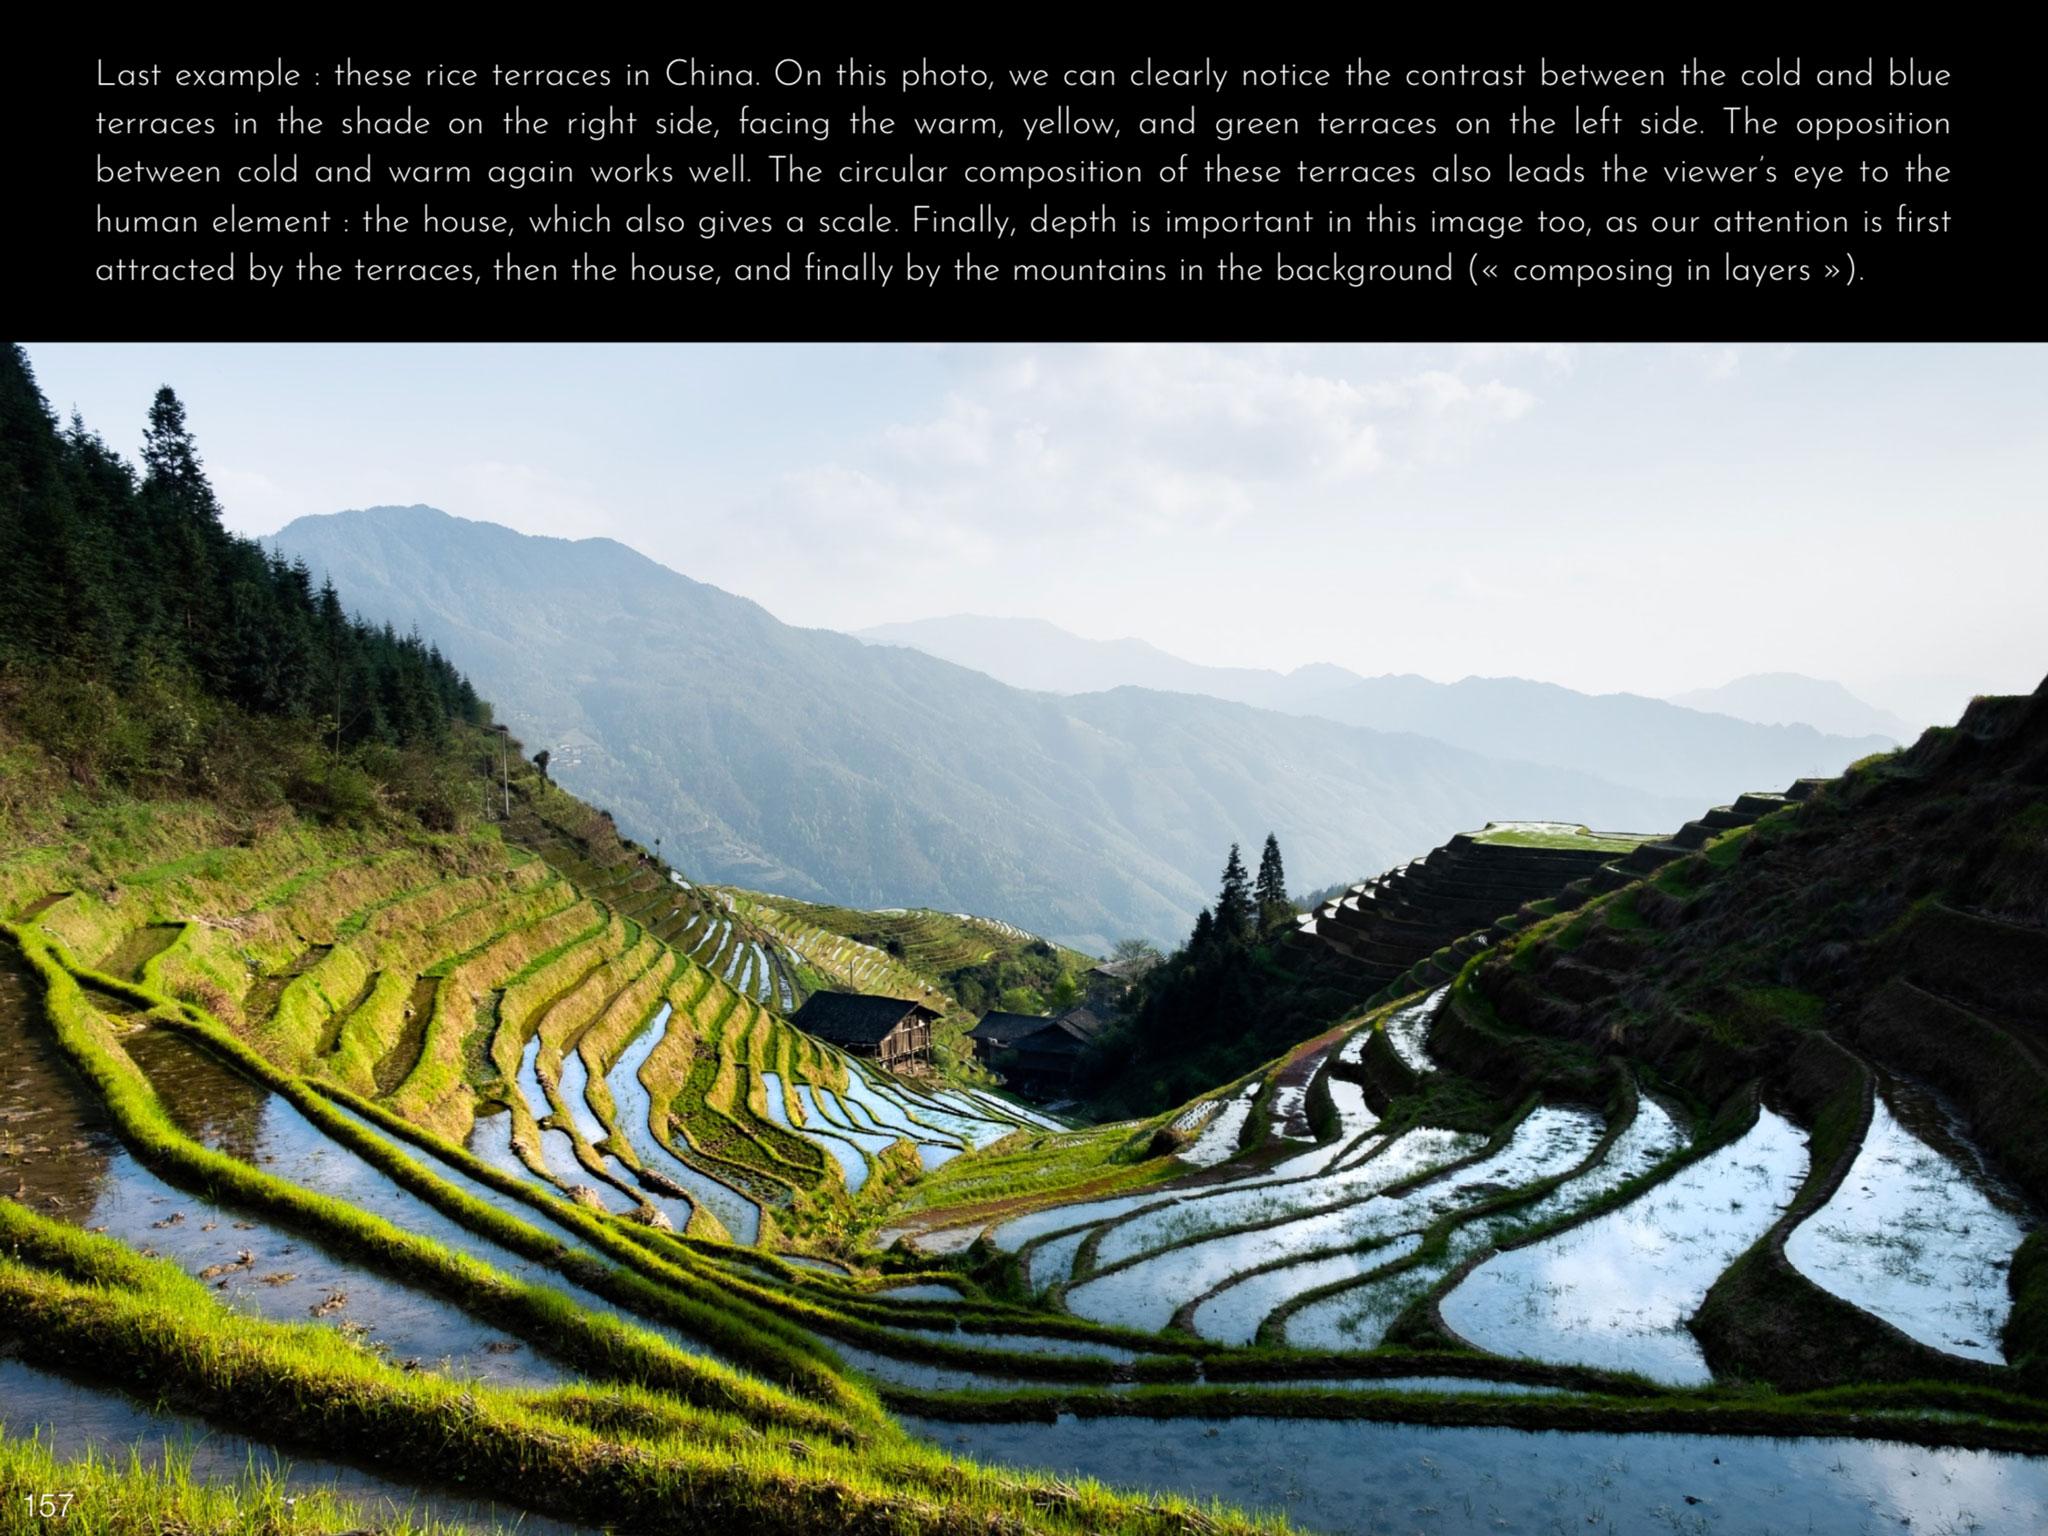 ANALYZING LANDSCAPE PHOTOGRAPHS